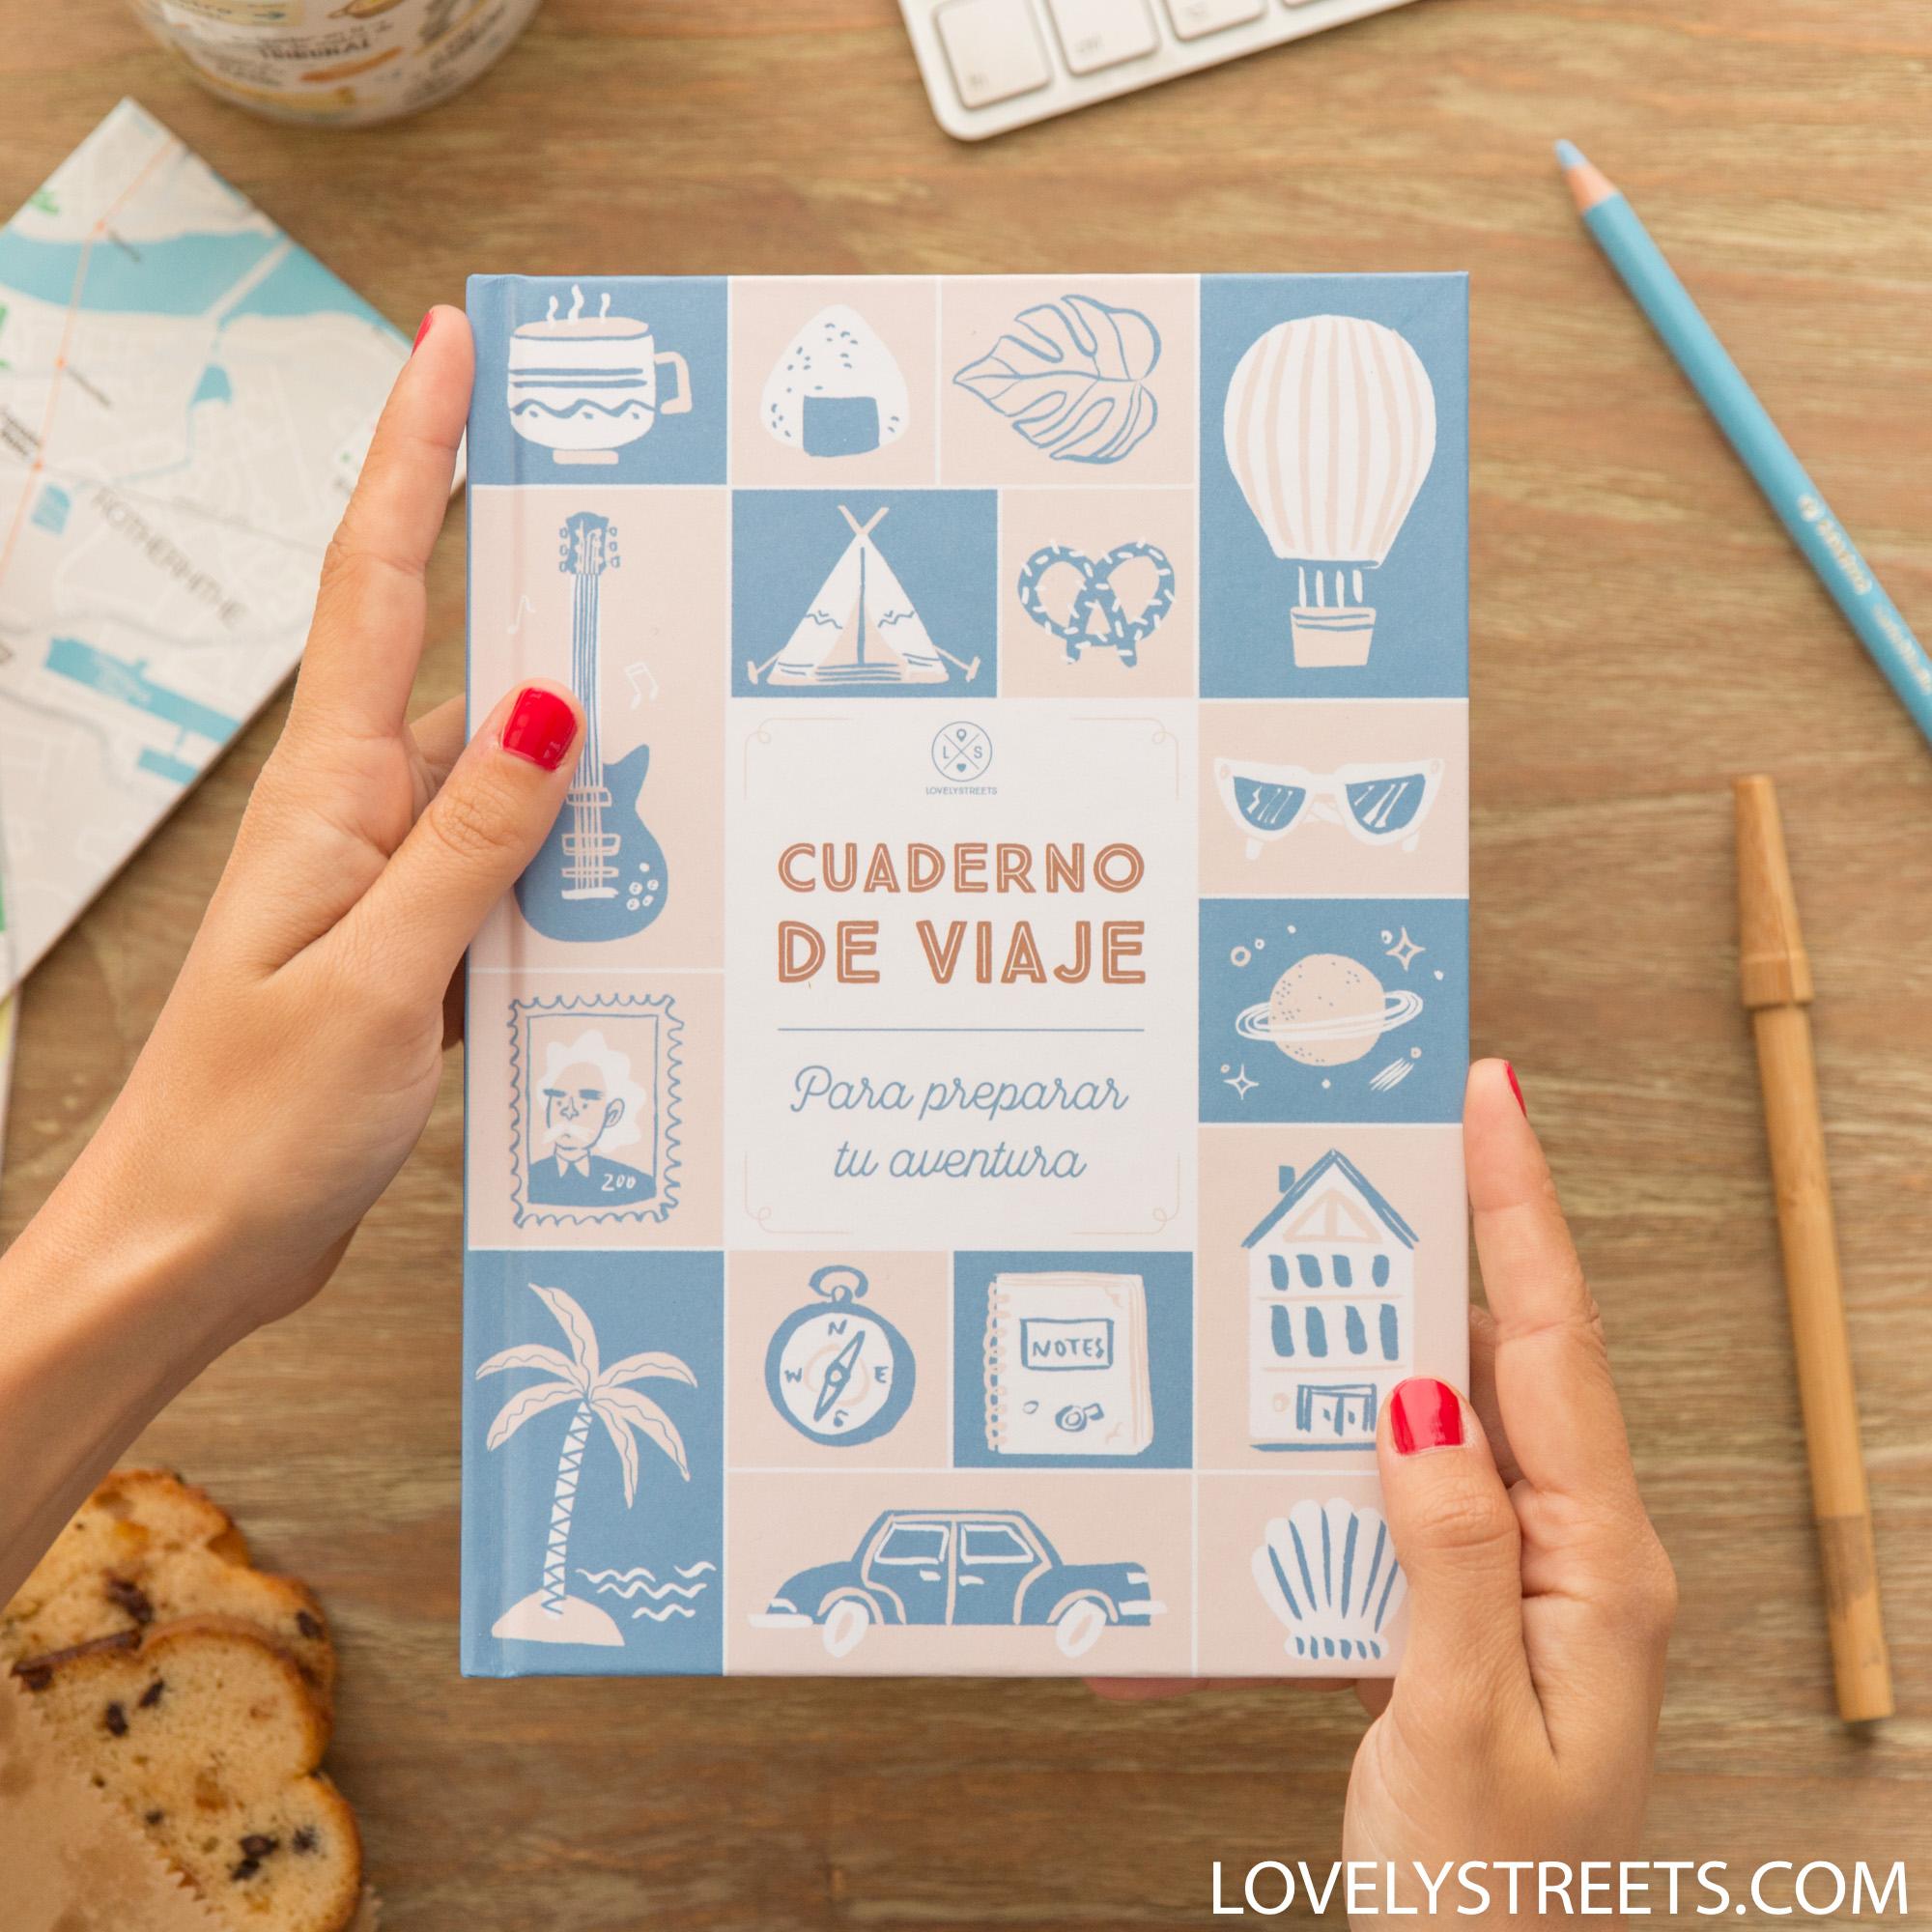 lovelystreets_8435439301862_cuaderno-viaje_2017-7